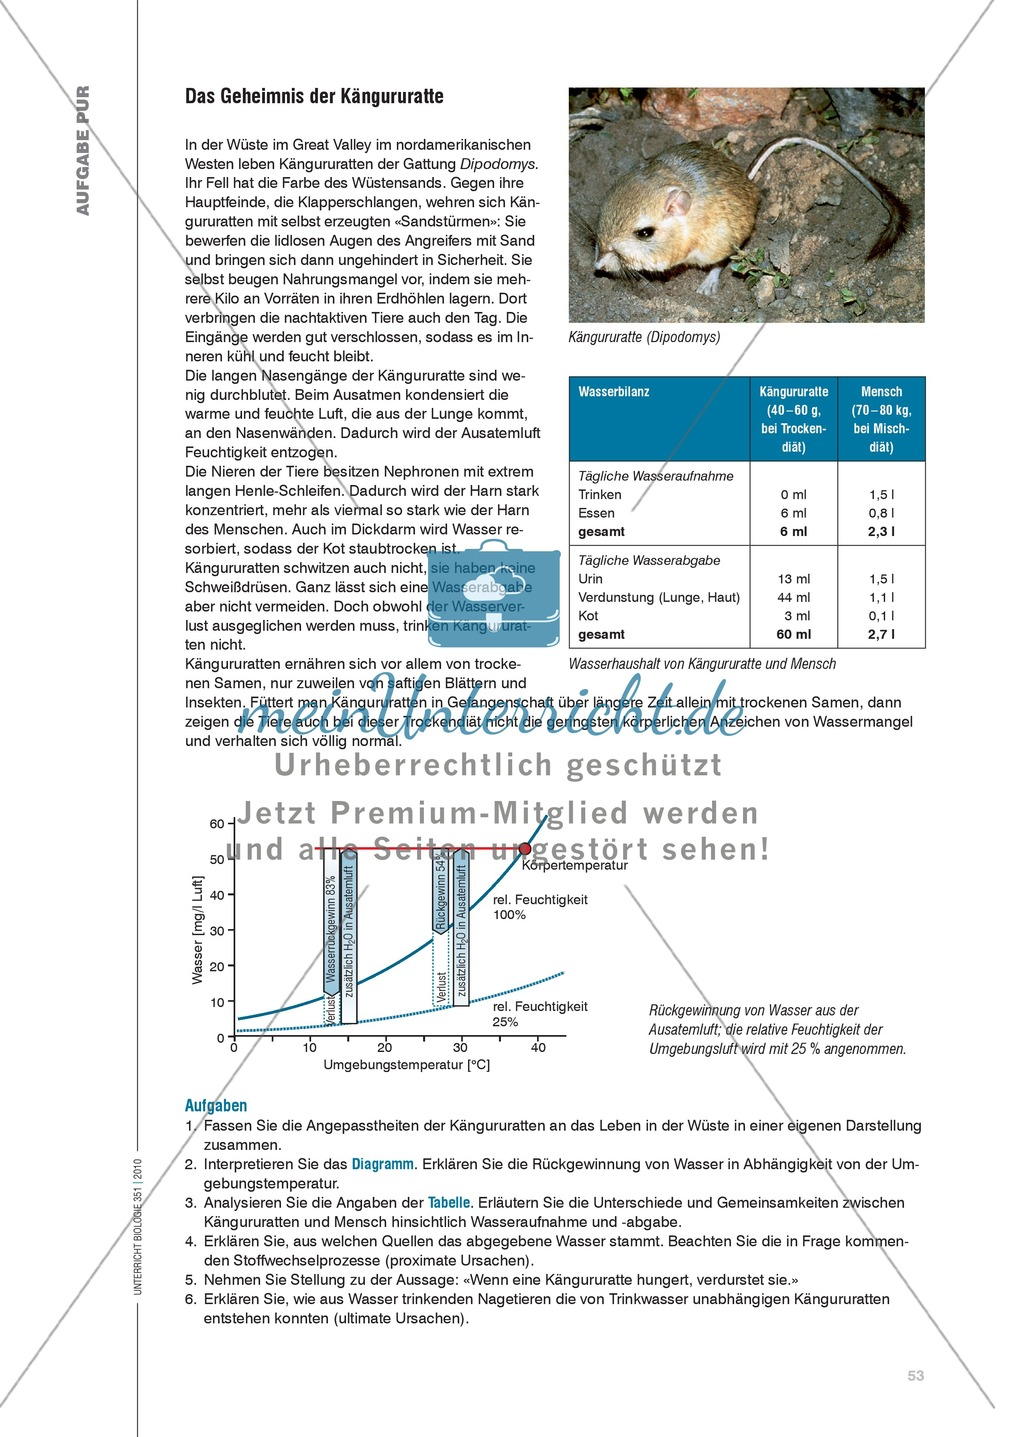 Aufgaben zu den Anpassungsmechanismen der Kängururatte - meinUnterricht